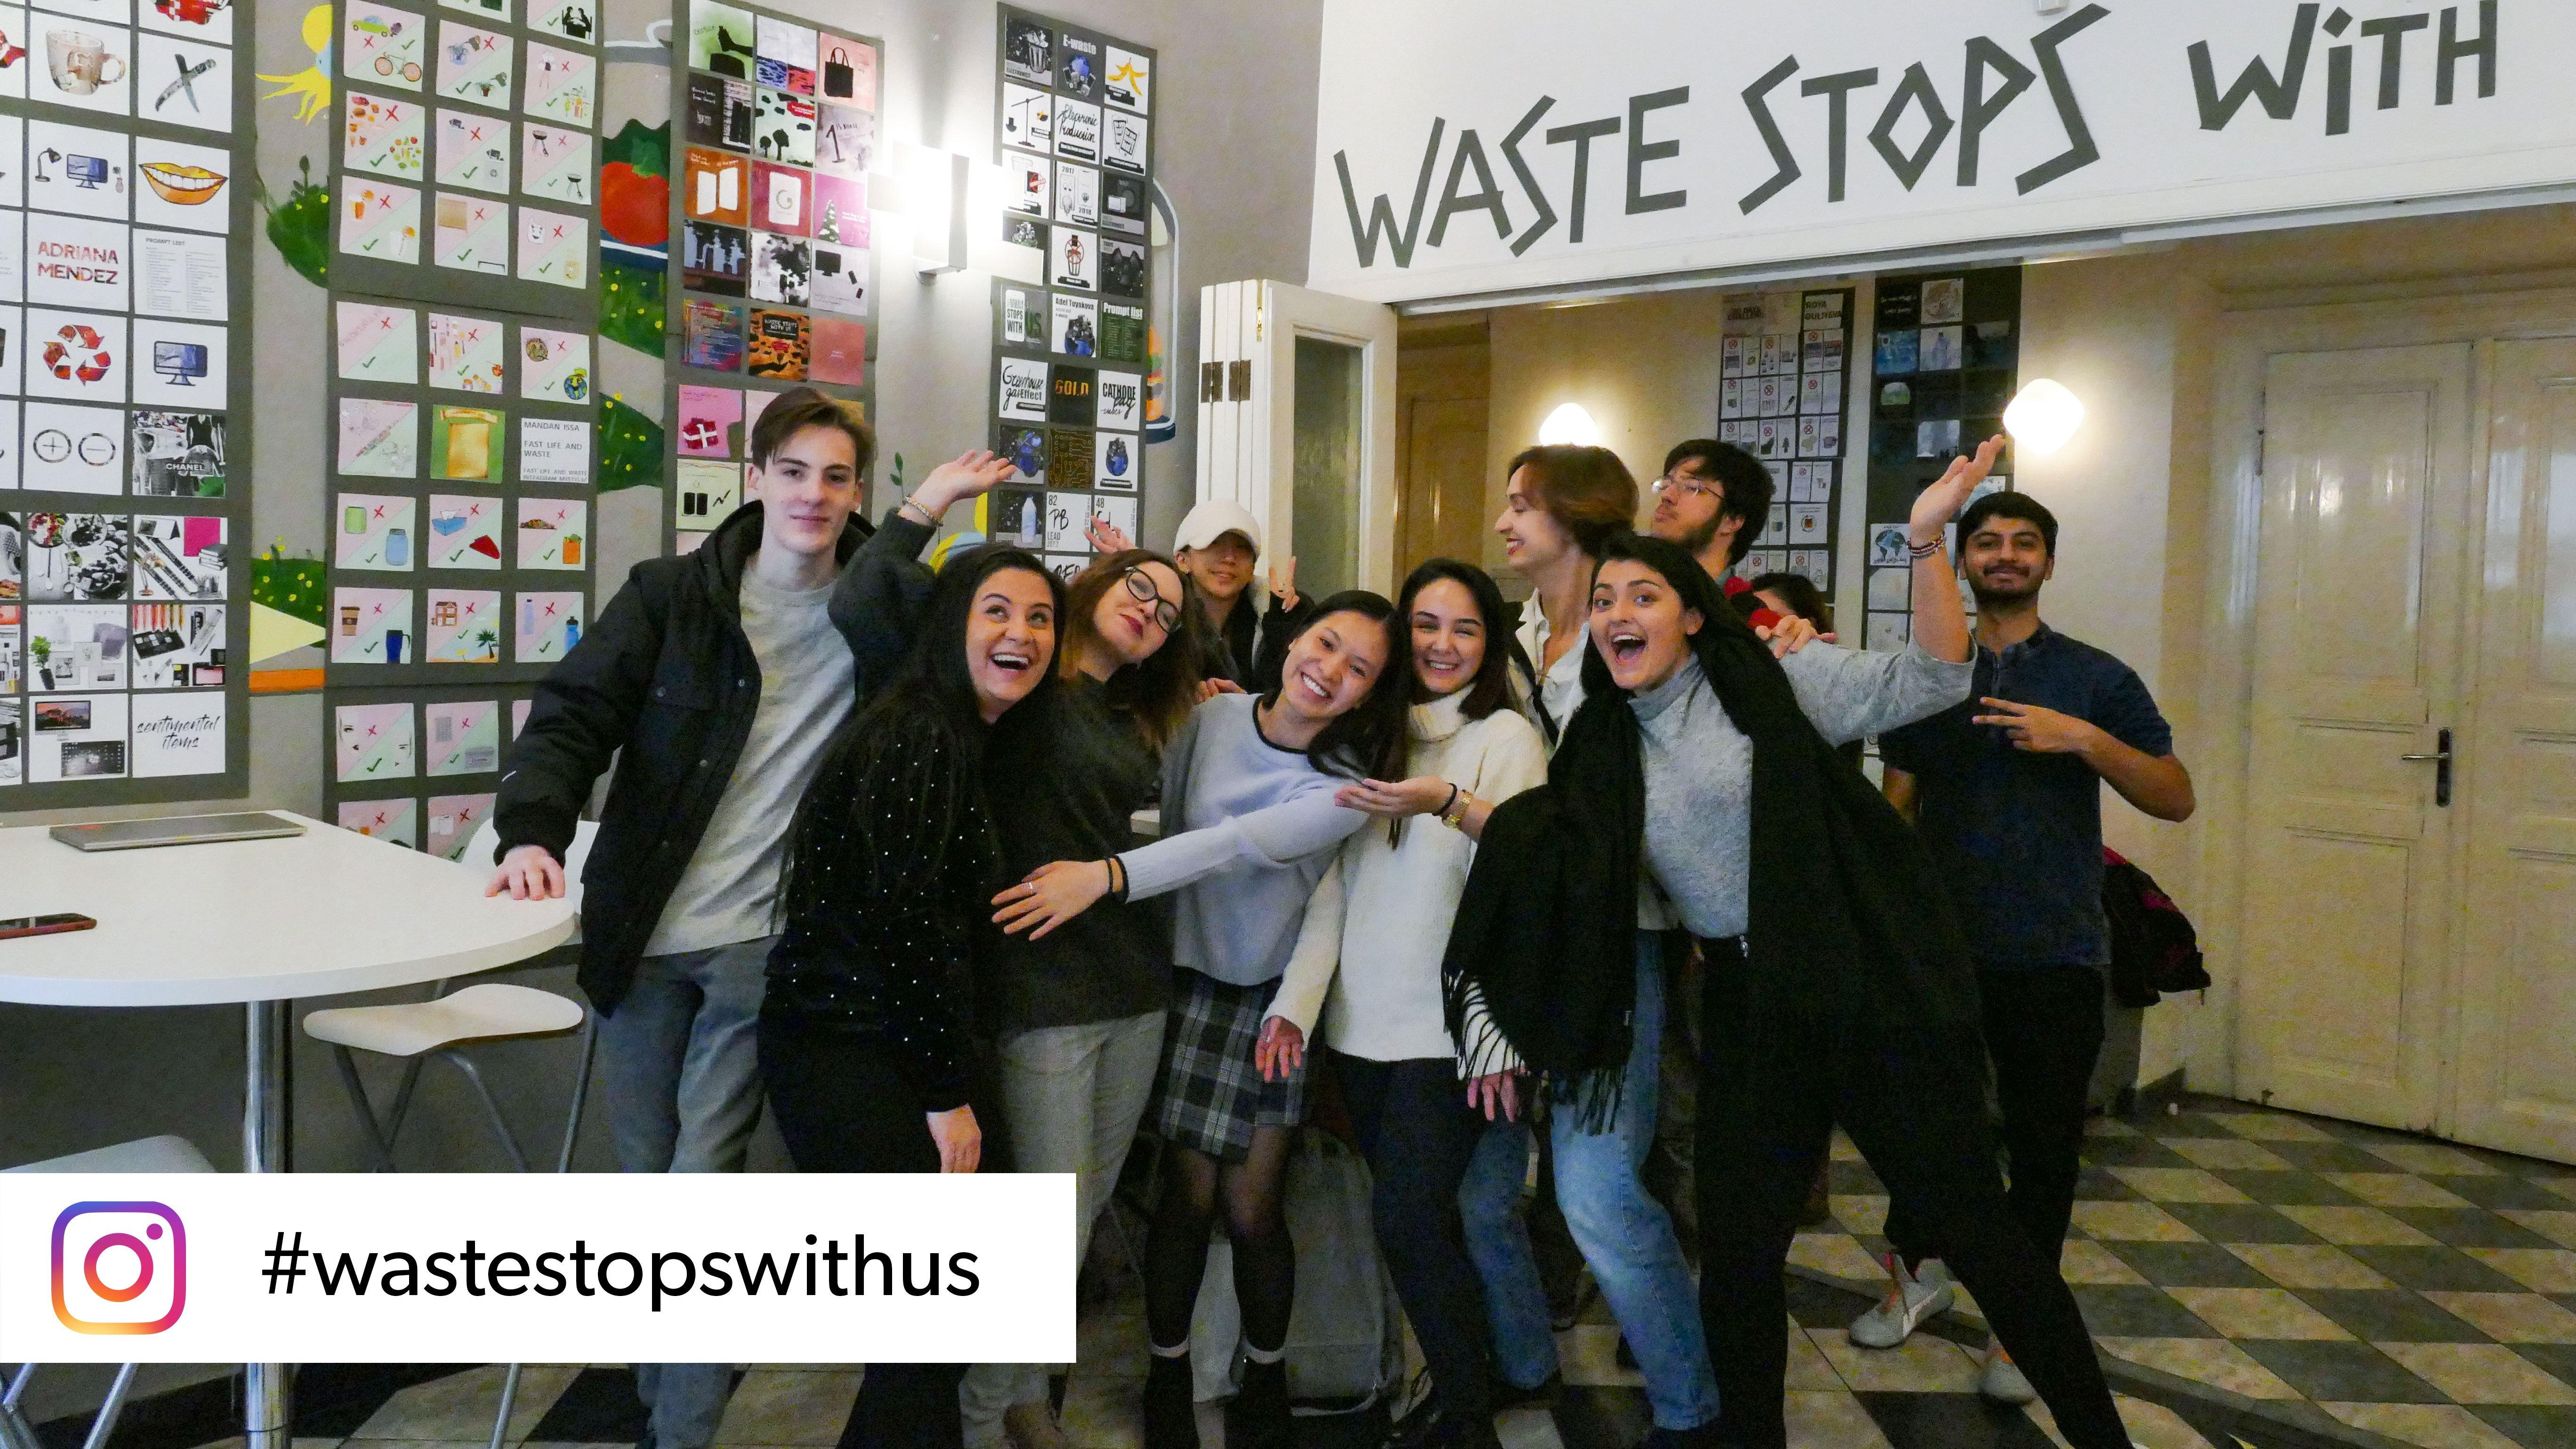 #wastestopswithus